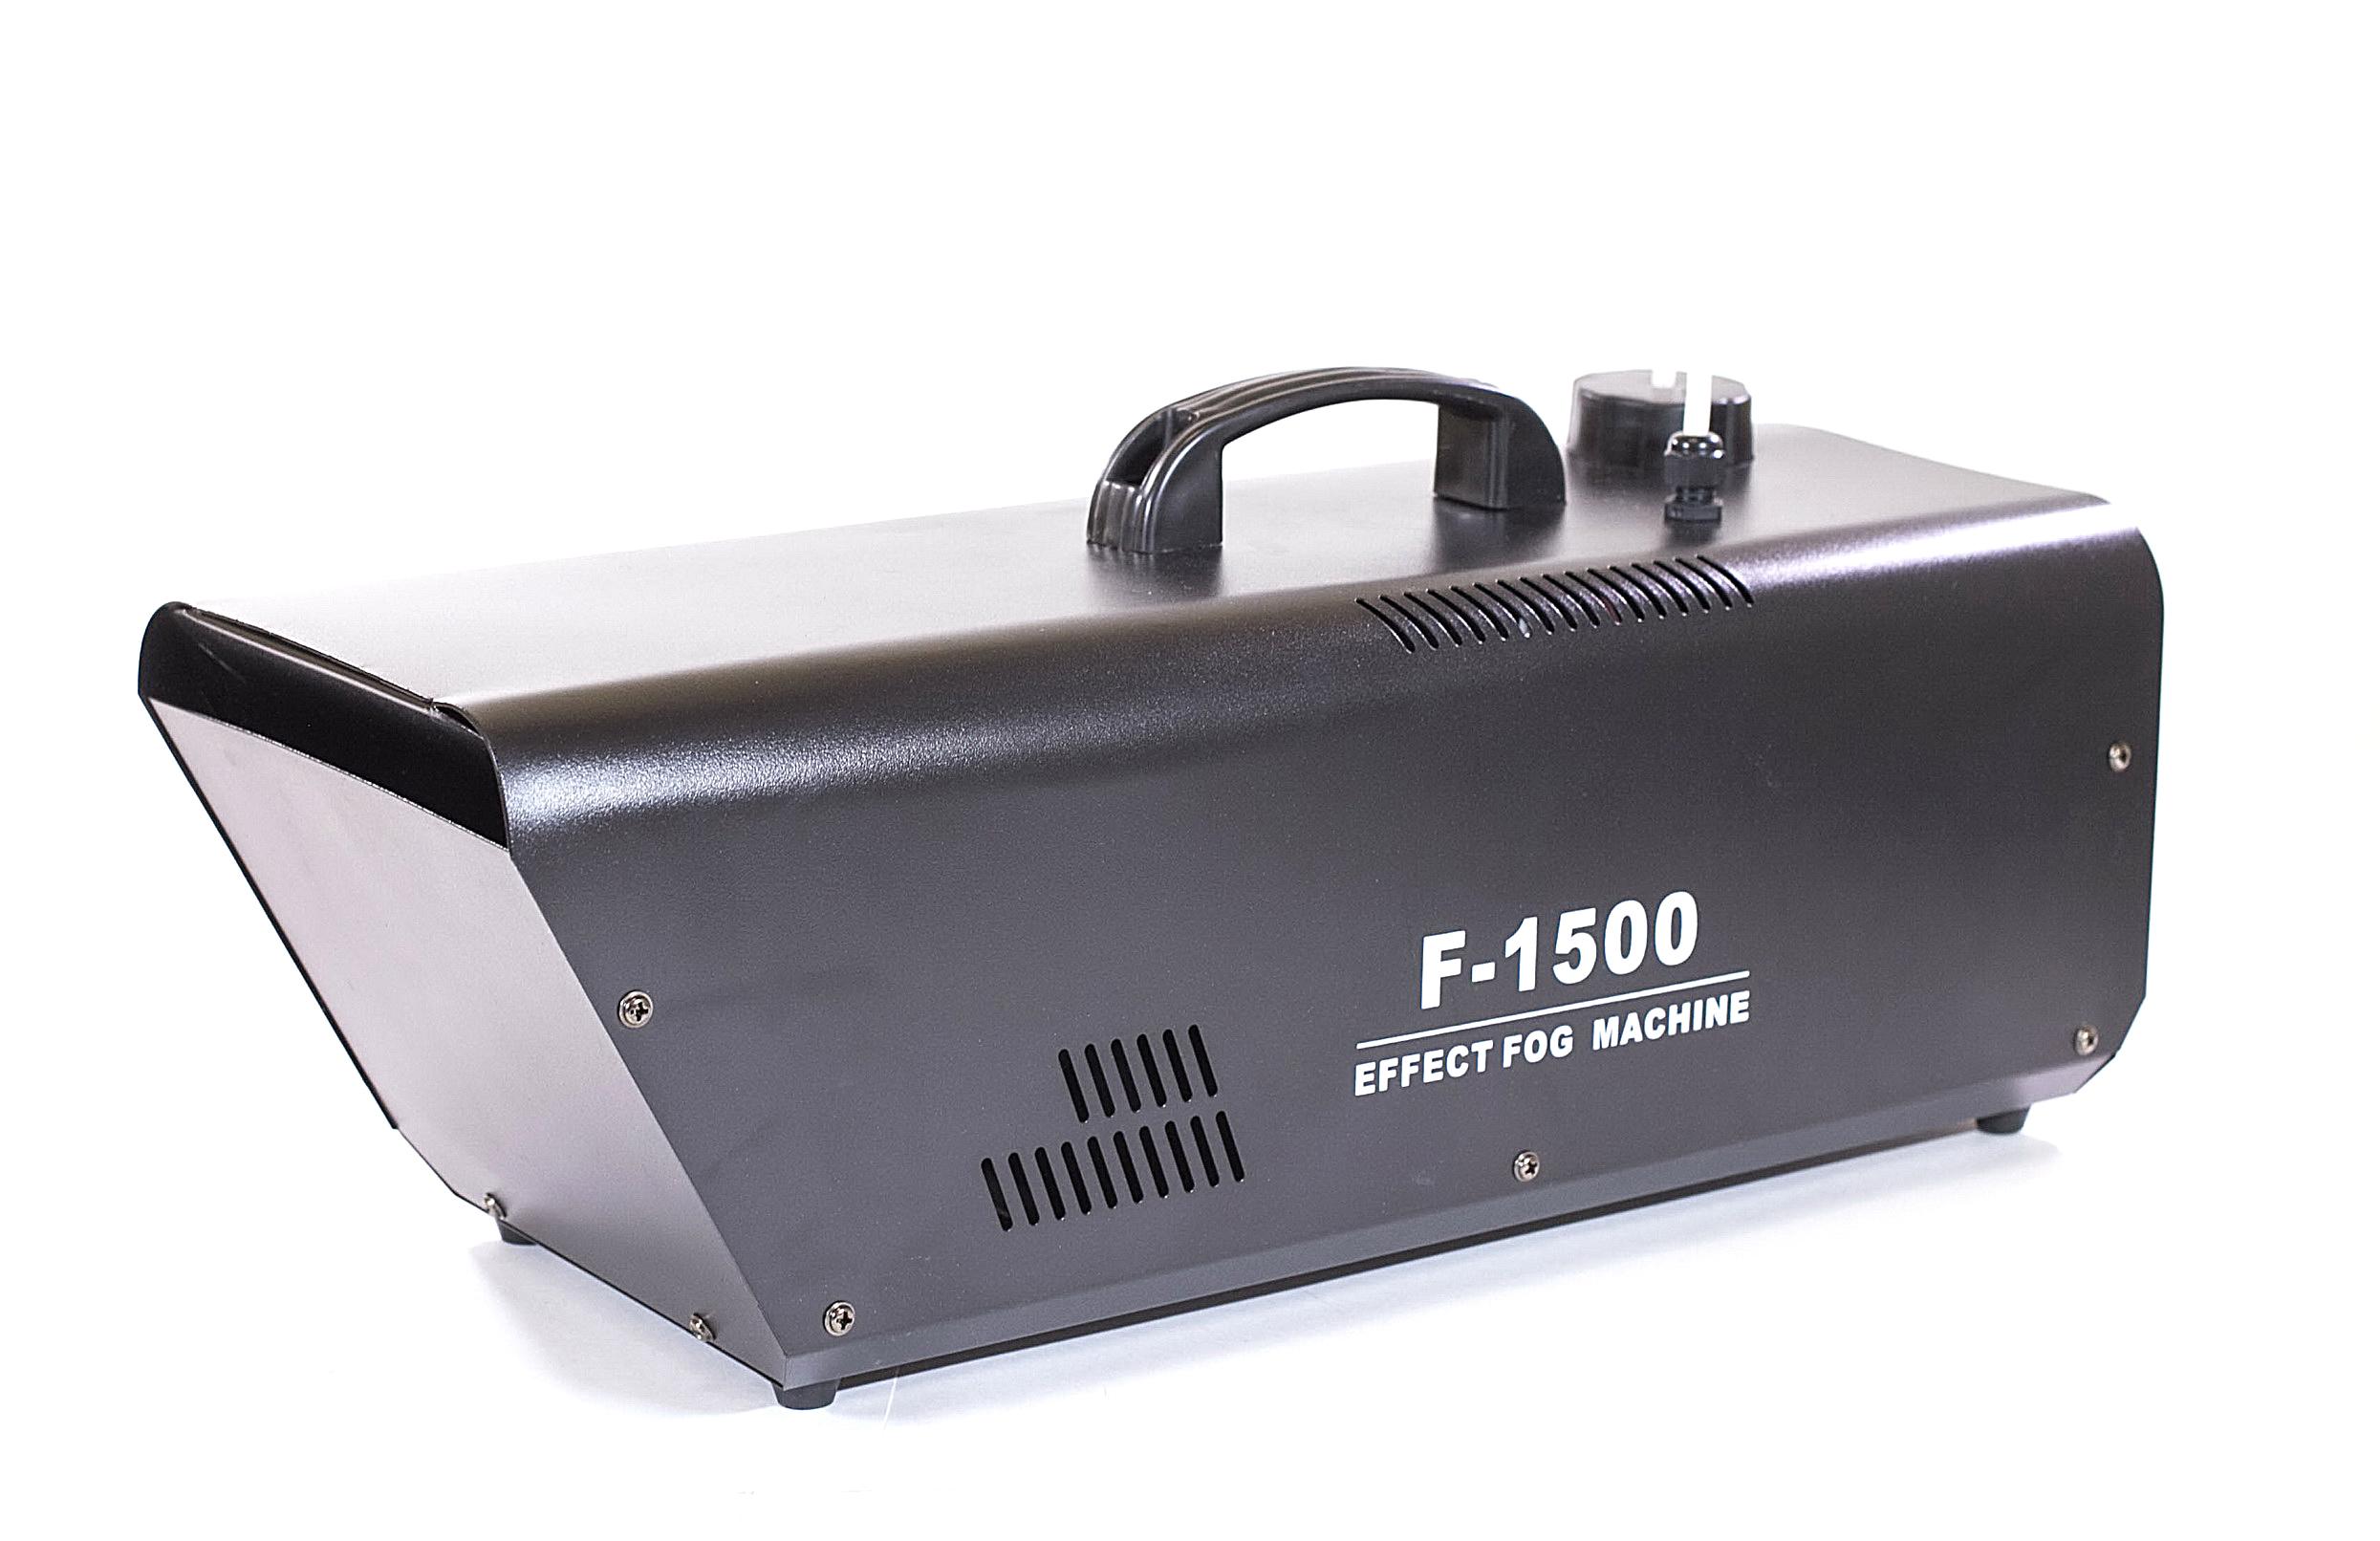 MS-F05 Haze 1500W